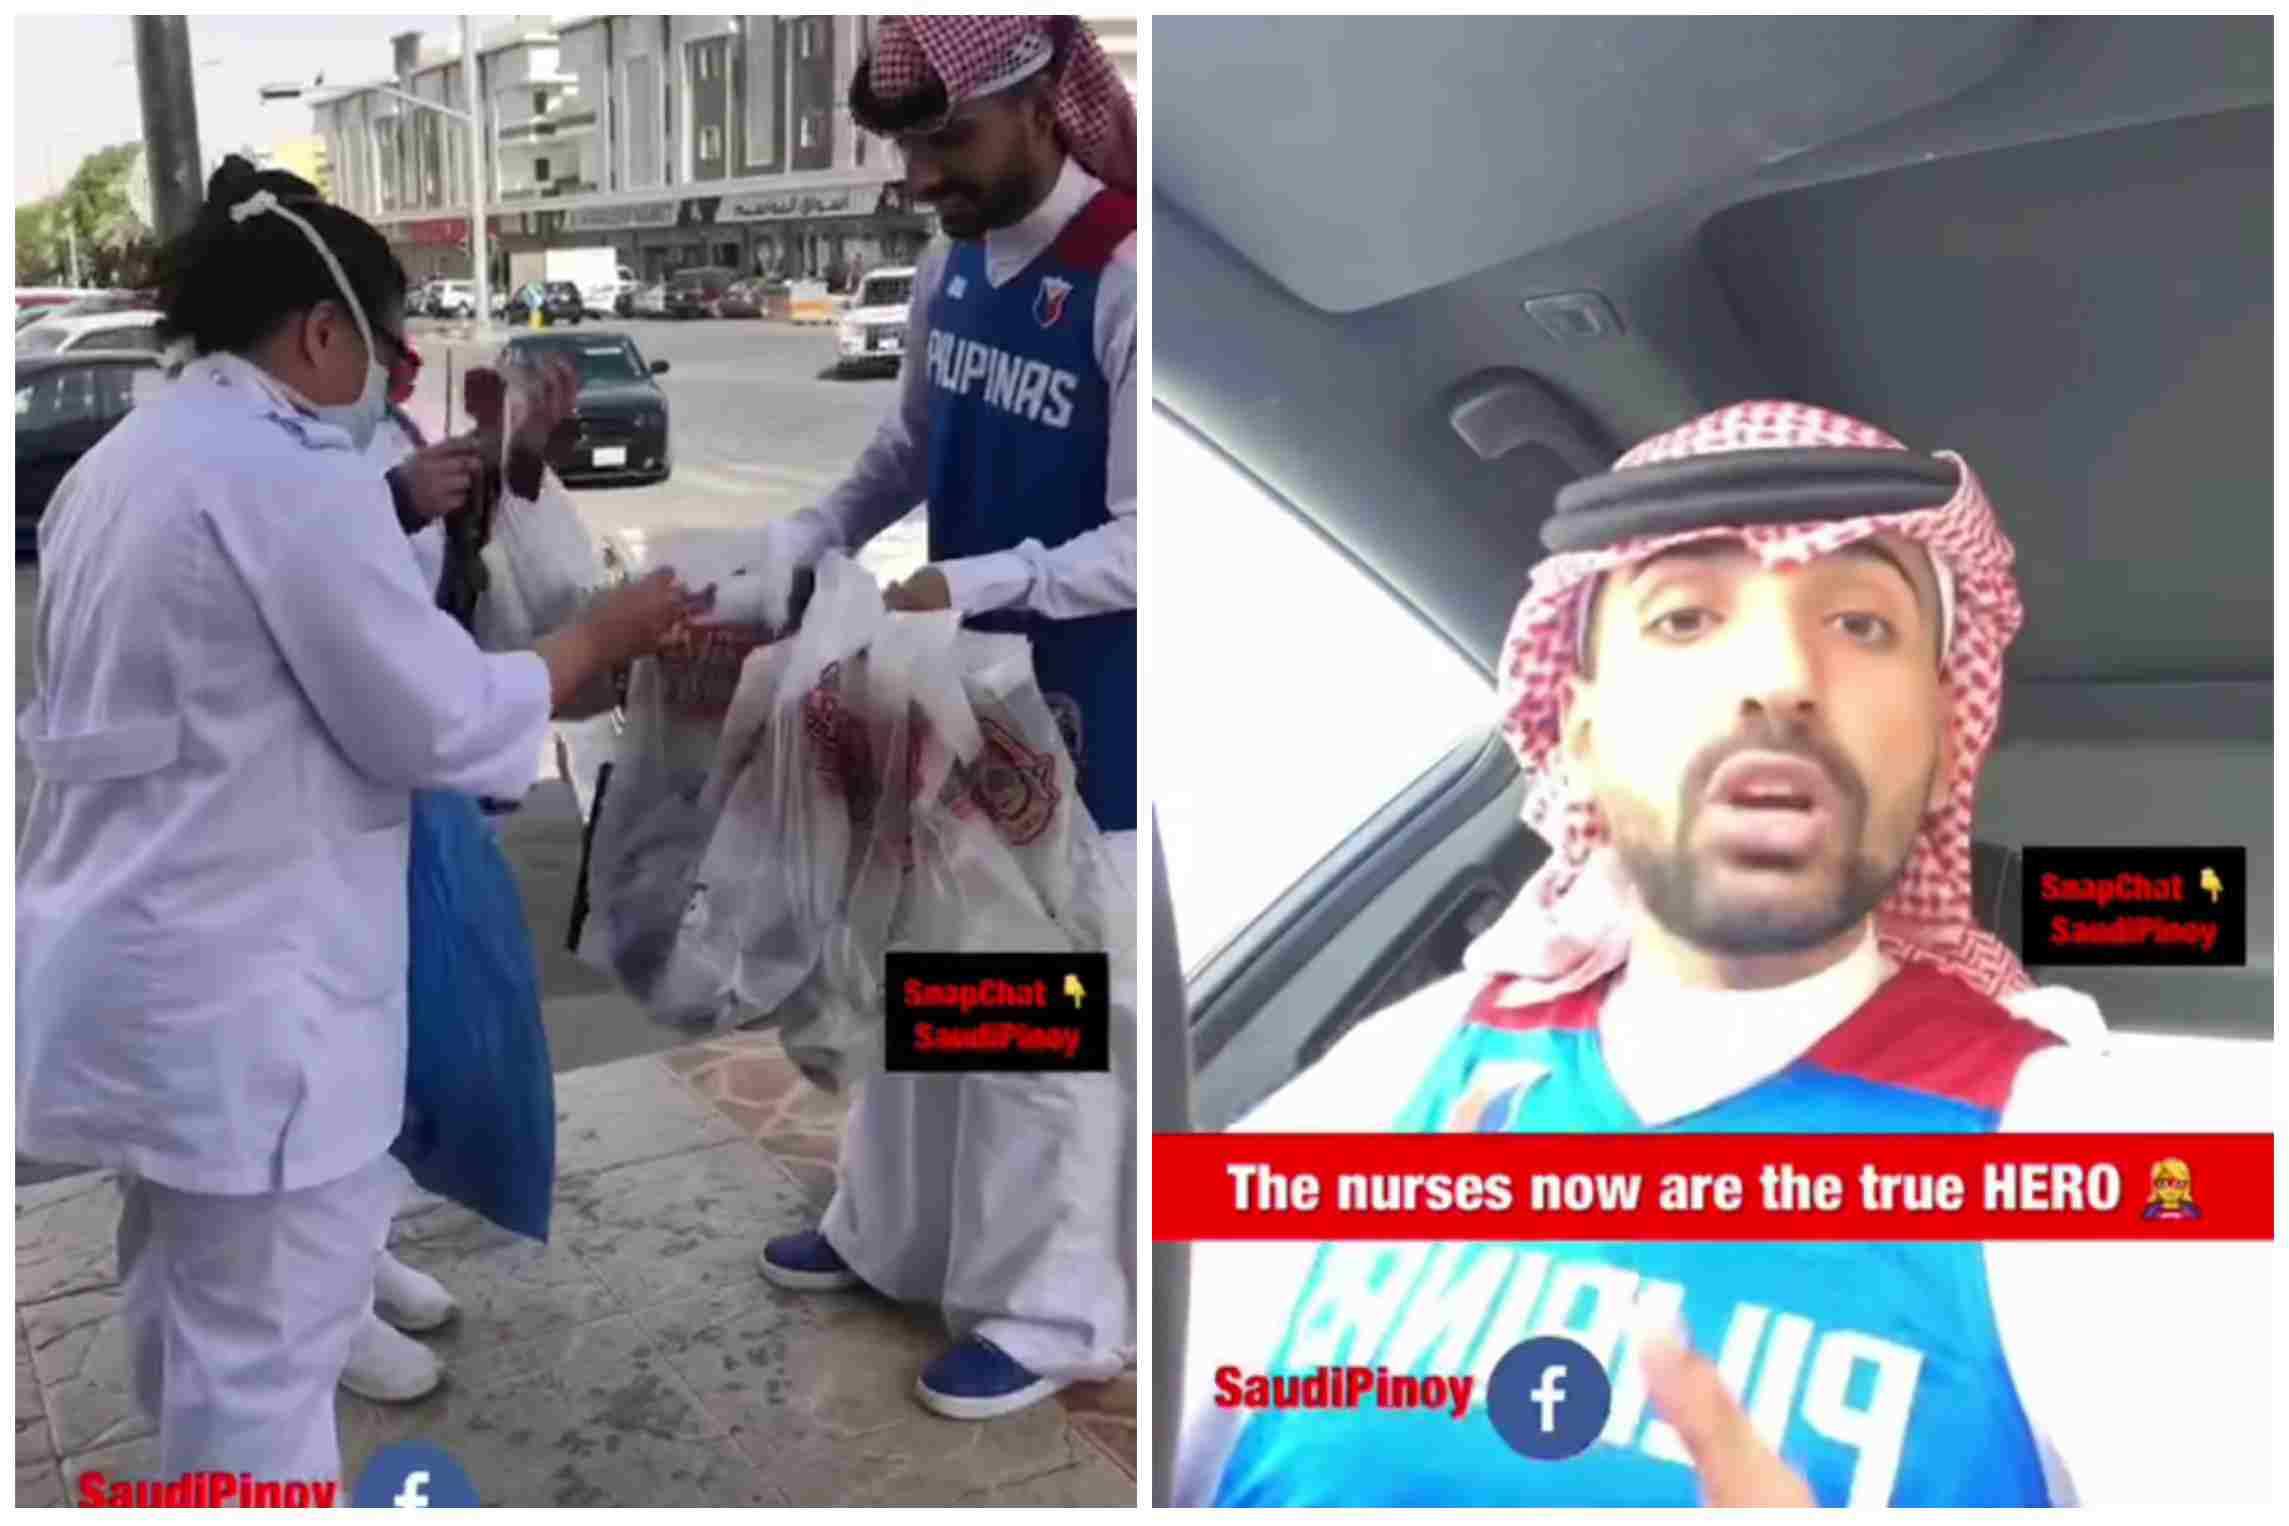 The Saudi Pinoy Ahmed Alruwaili